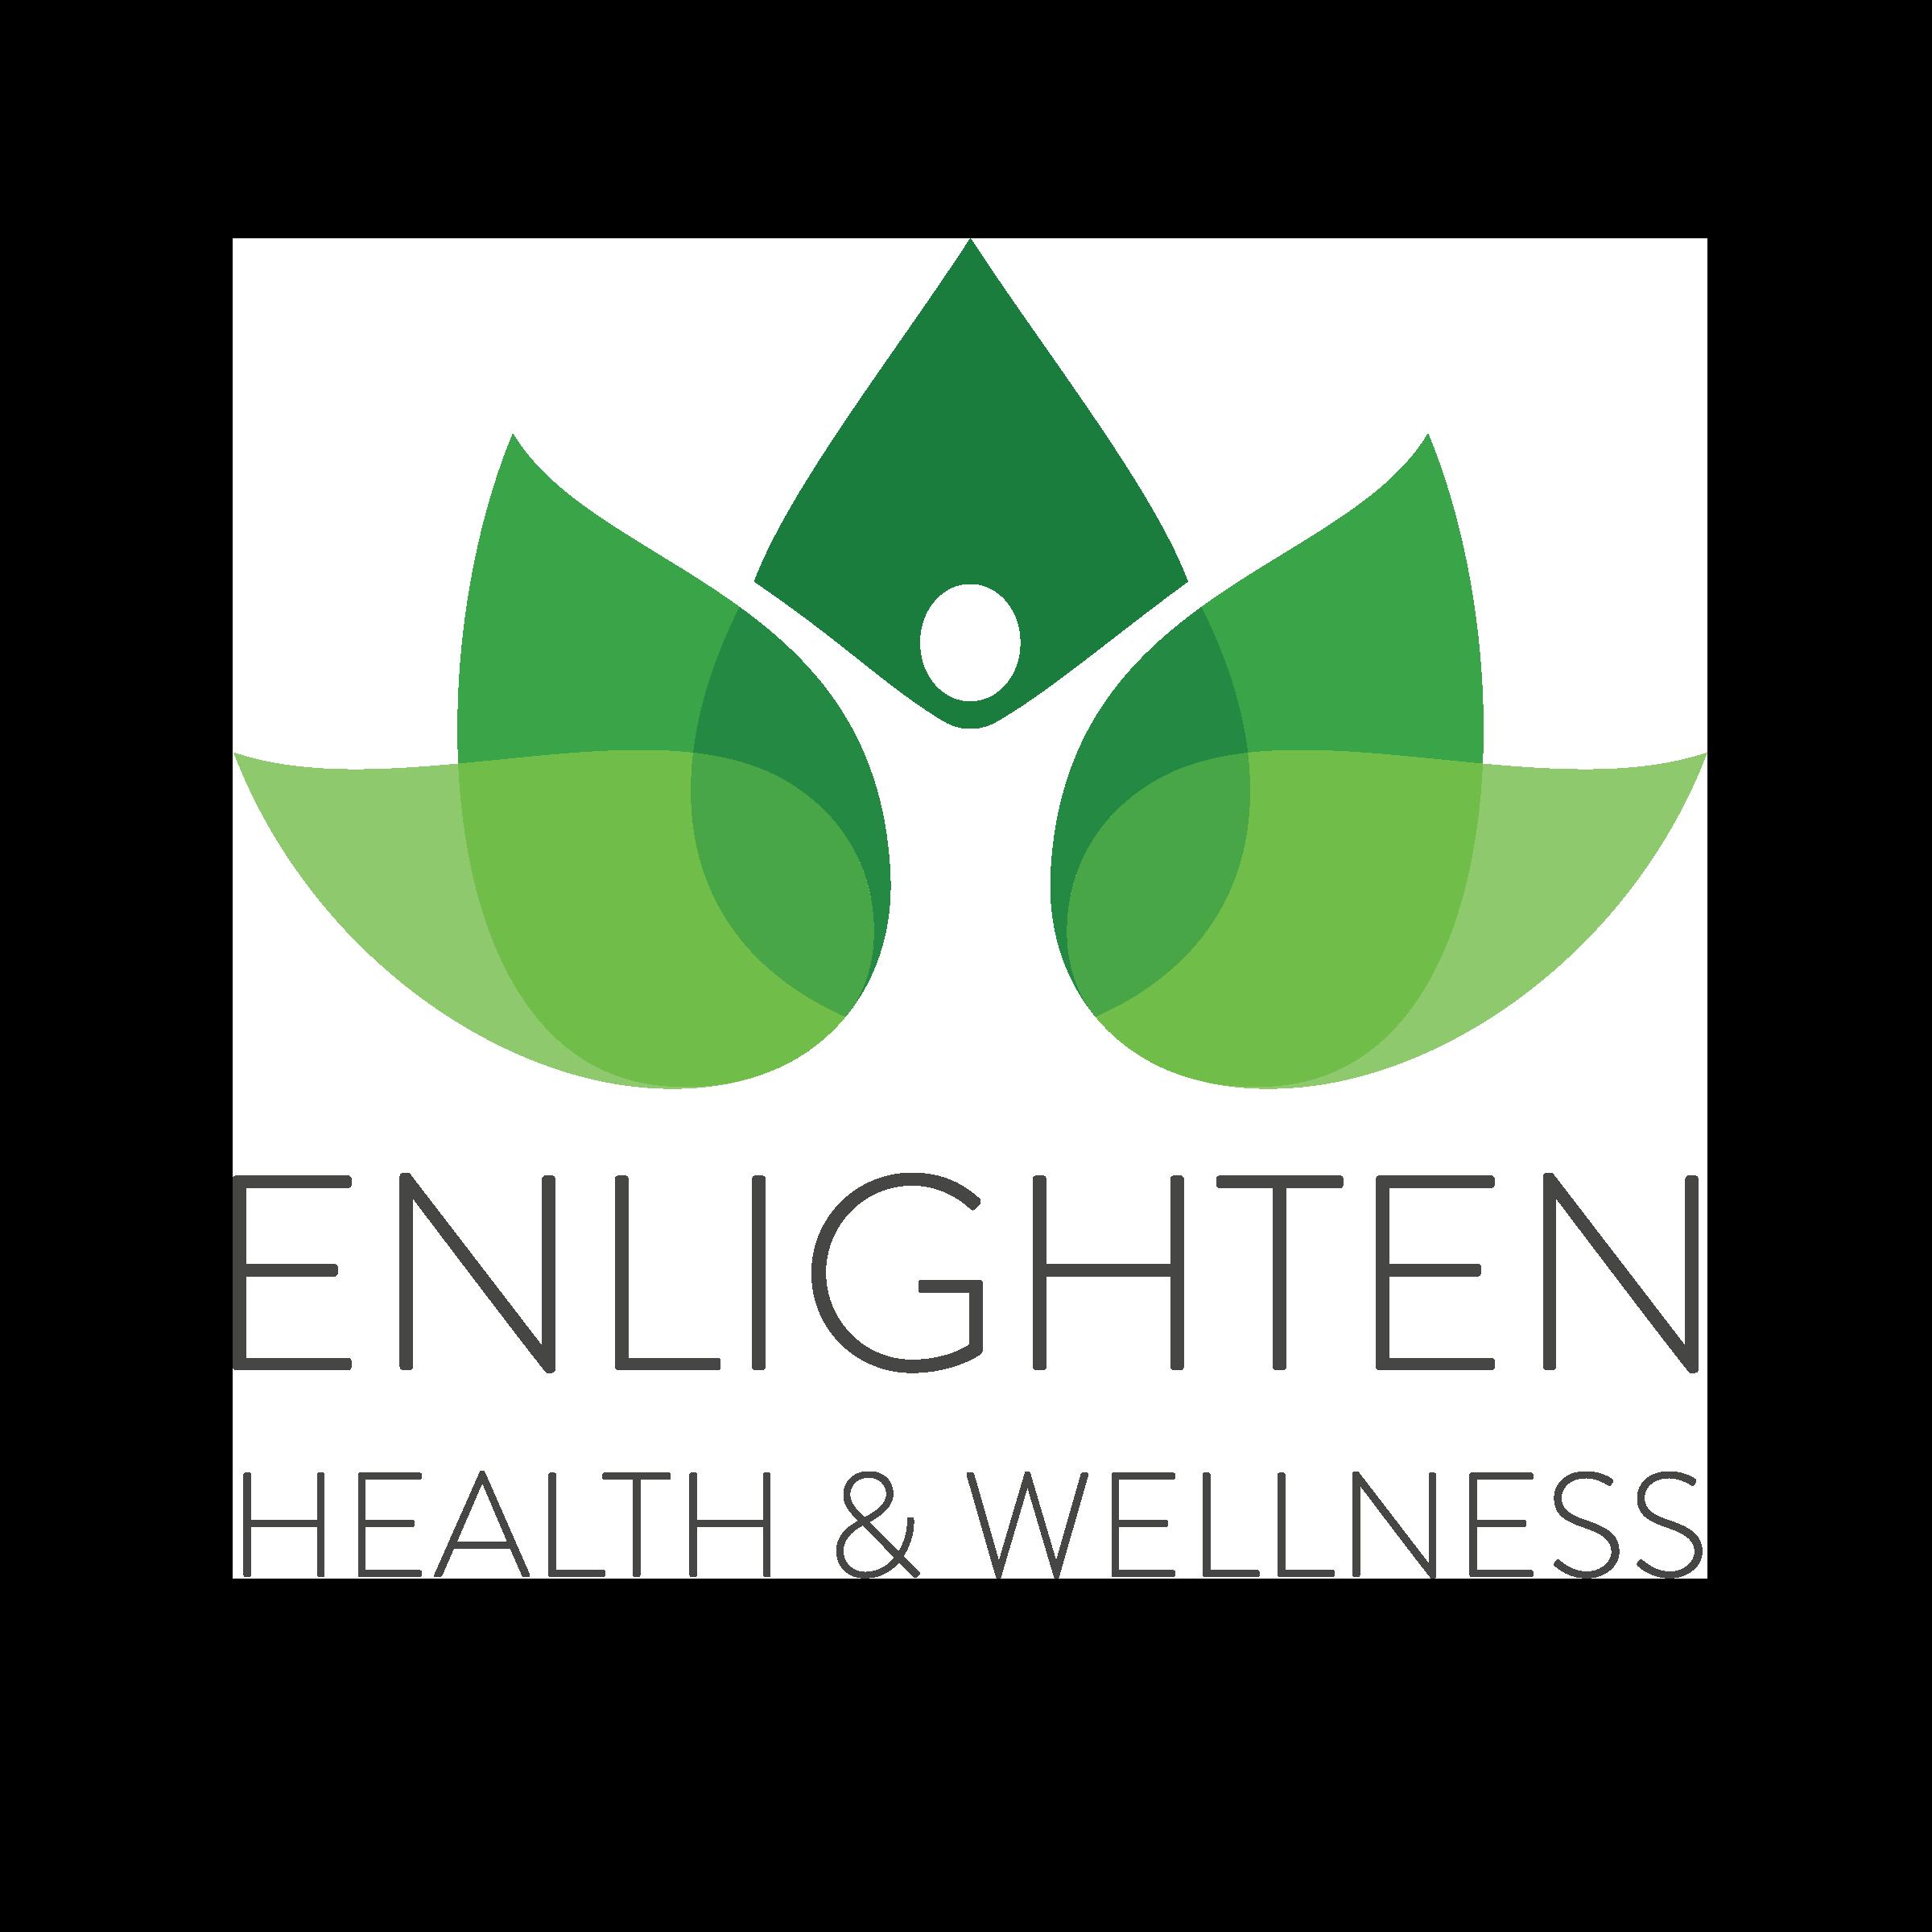 ehw-logo